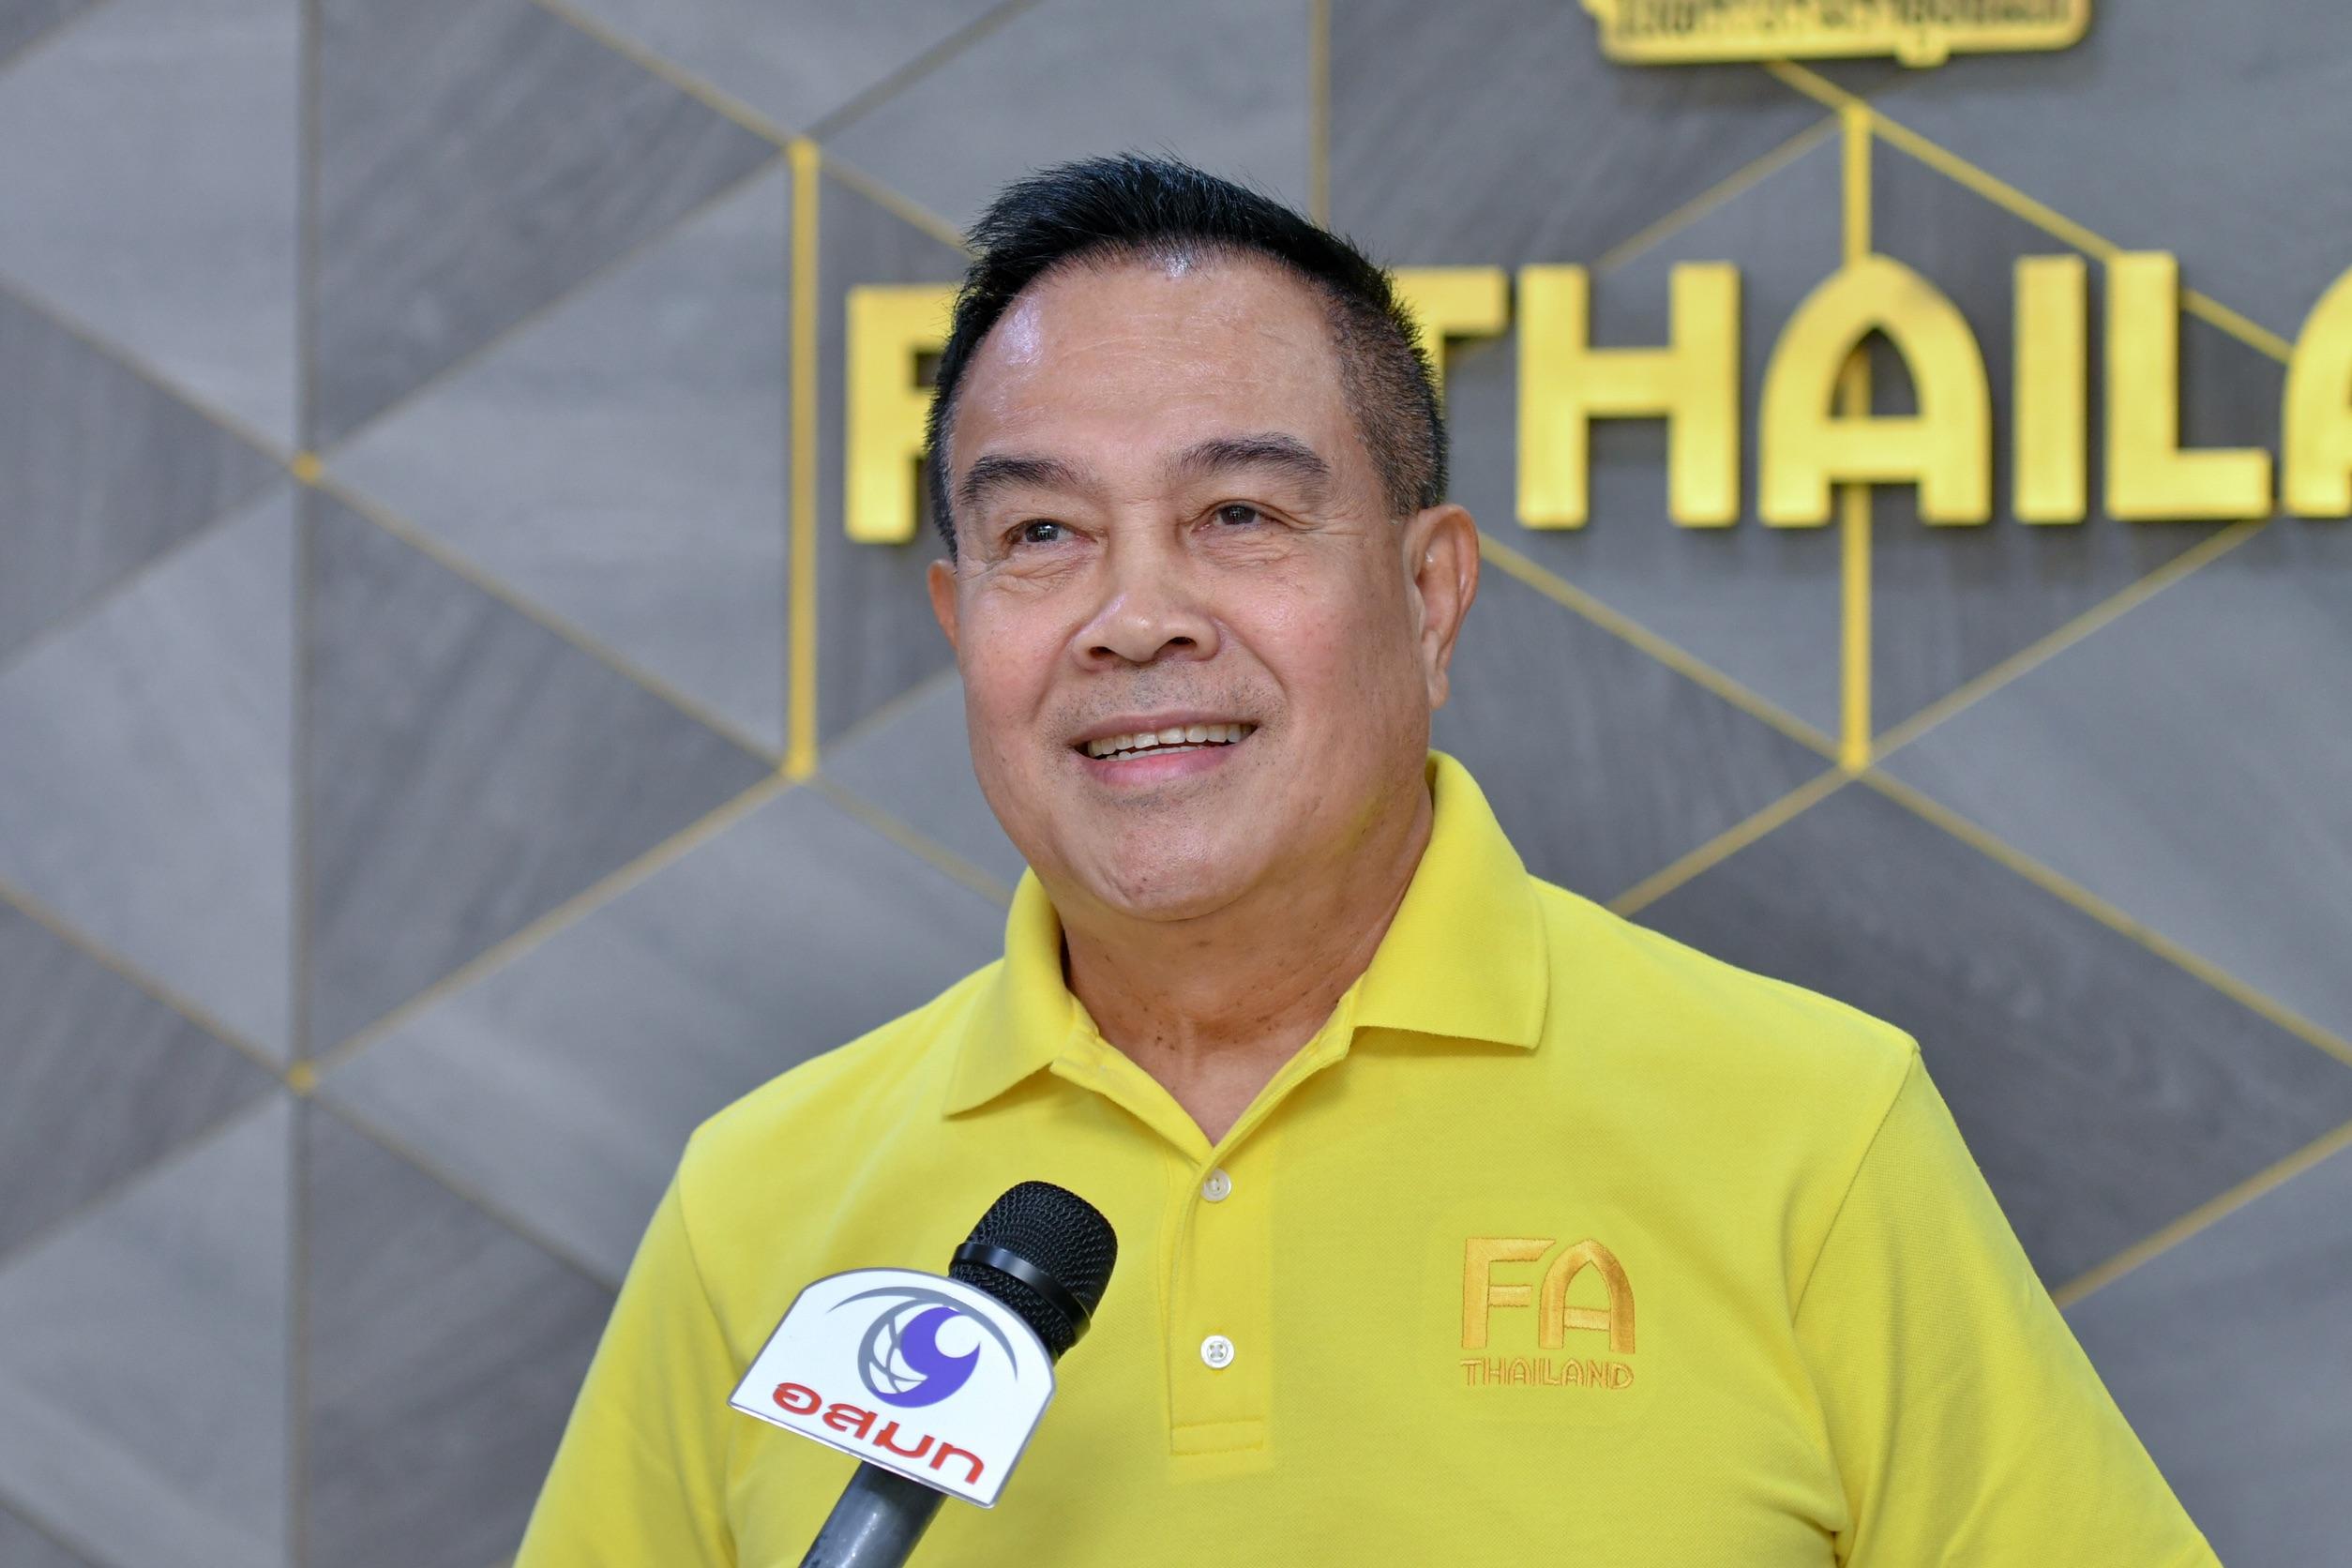 คิงส์ คัพ คิงส์คัพ 2019 ทีมชาติไทย สมยศ พุ่มพันธุ์ม่วง เอสซีจี เมืองทอง ยูไนเต็ด